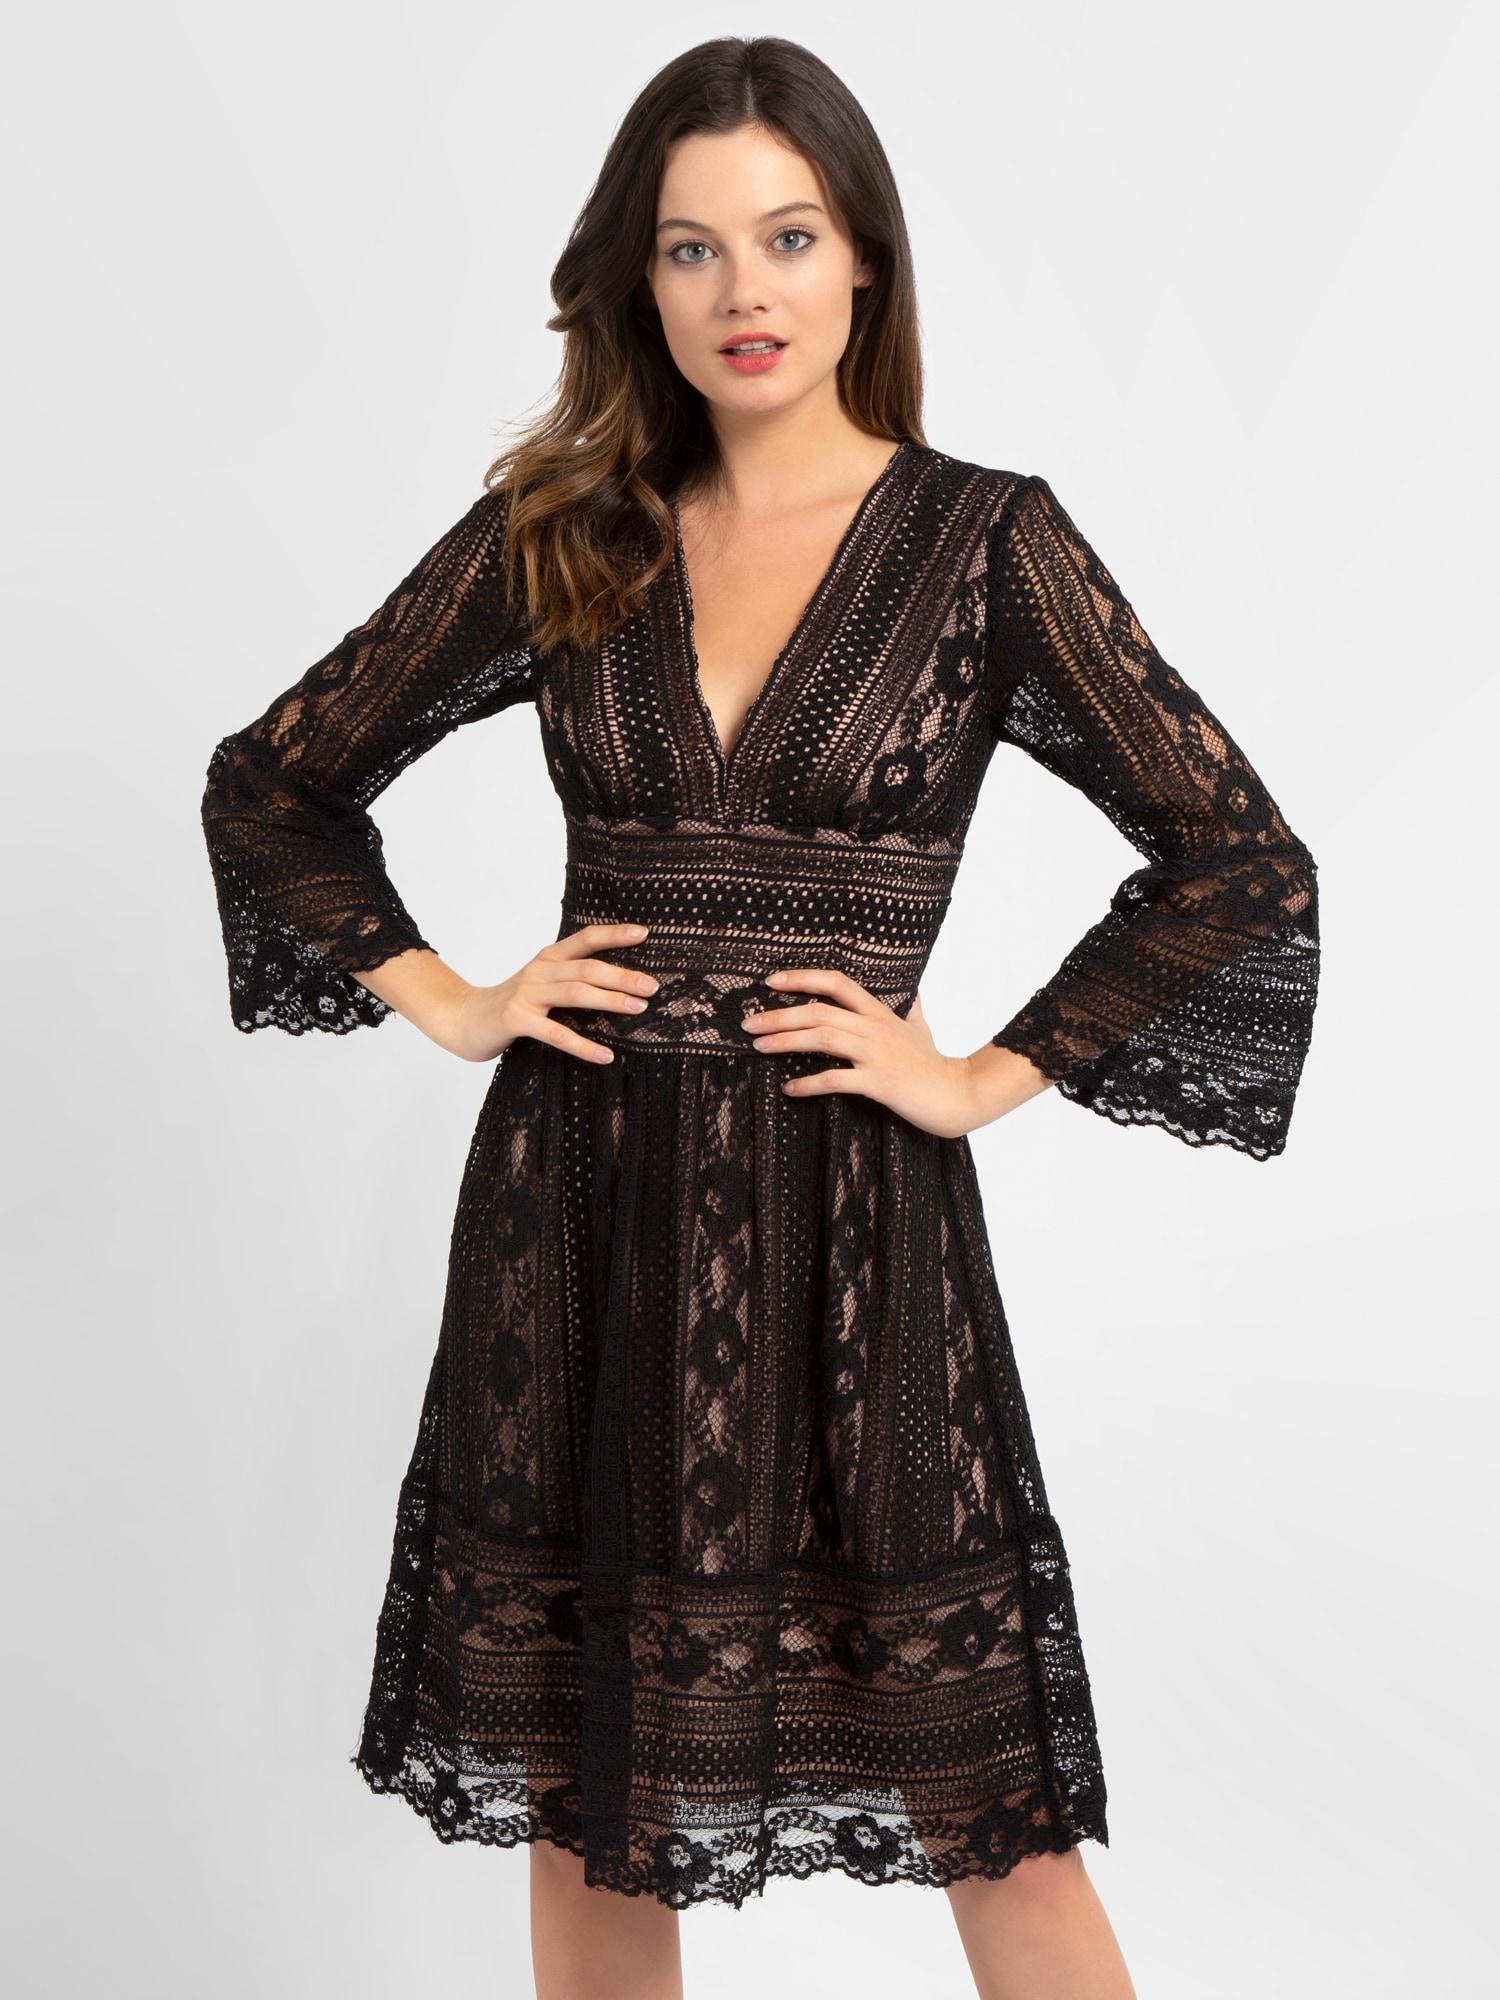 APART Kleid puder / schwarz - Schwarzes Kleid